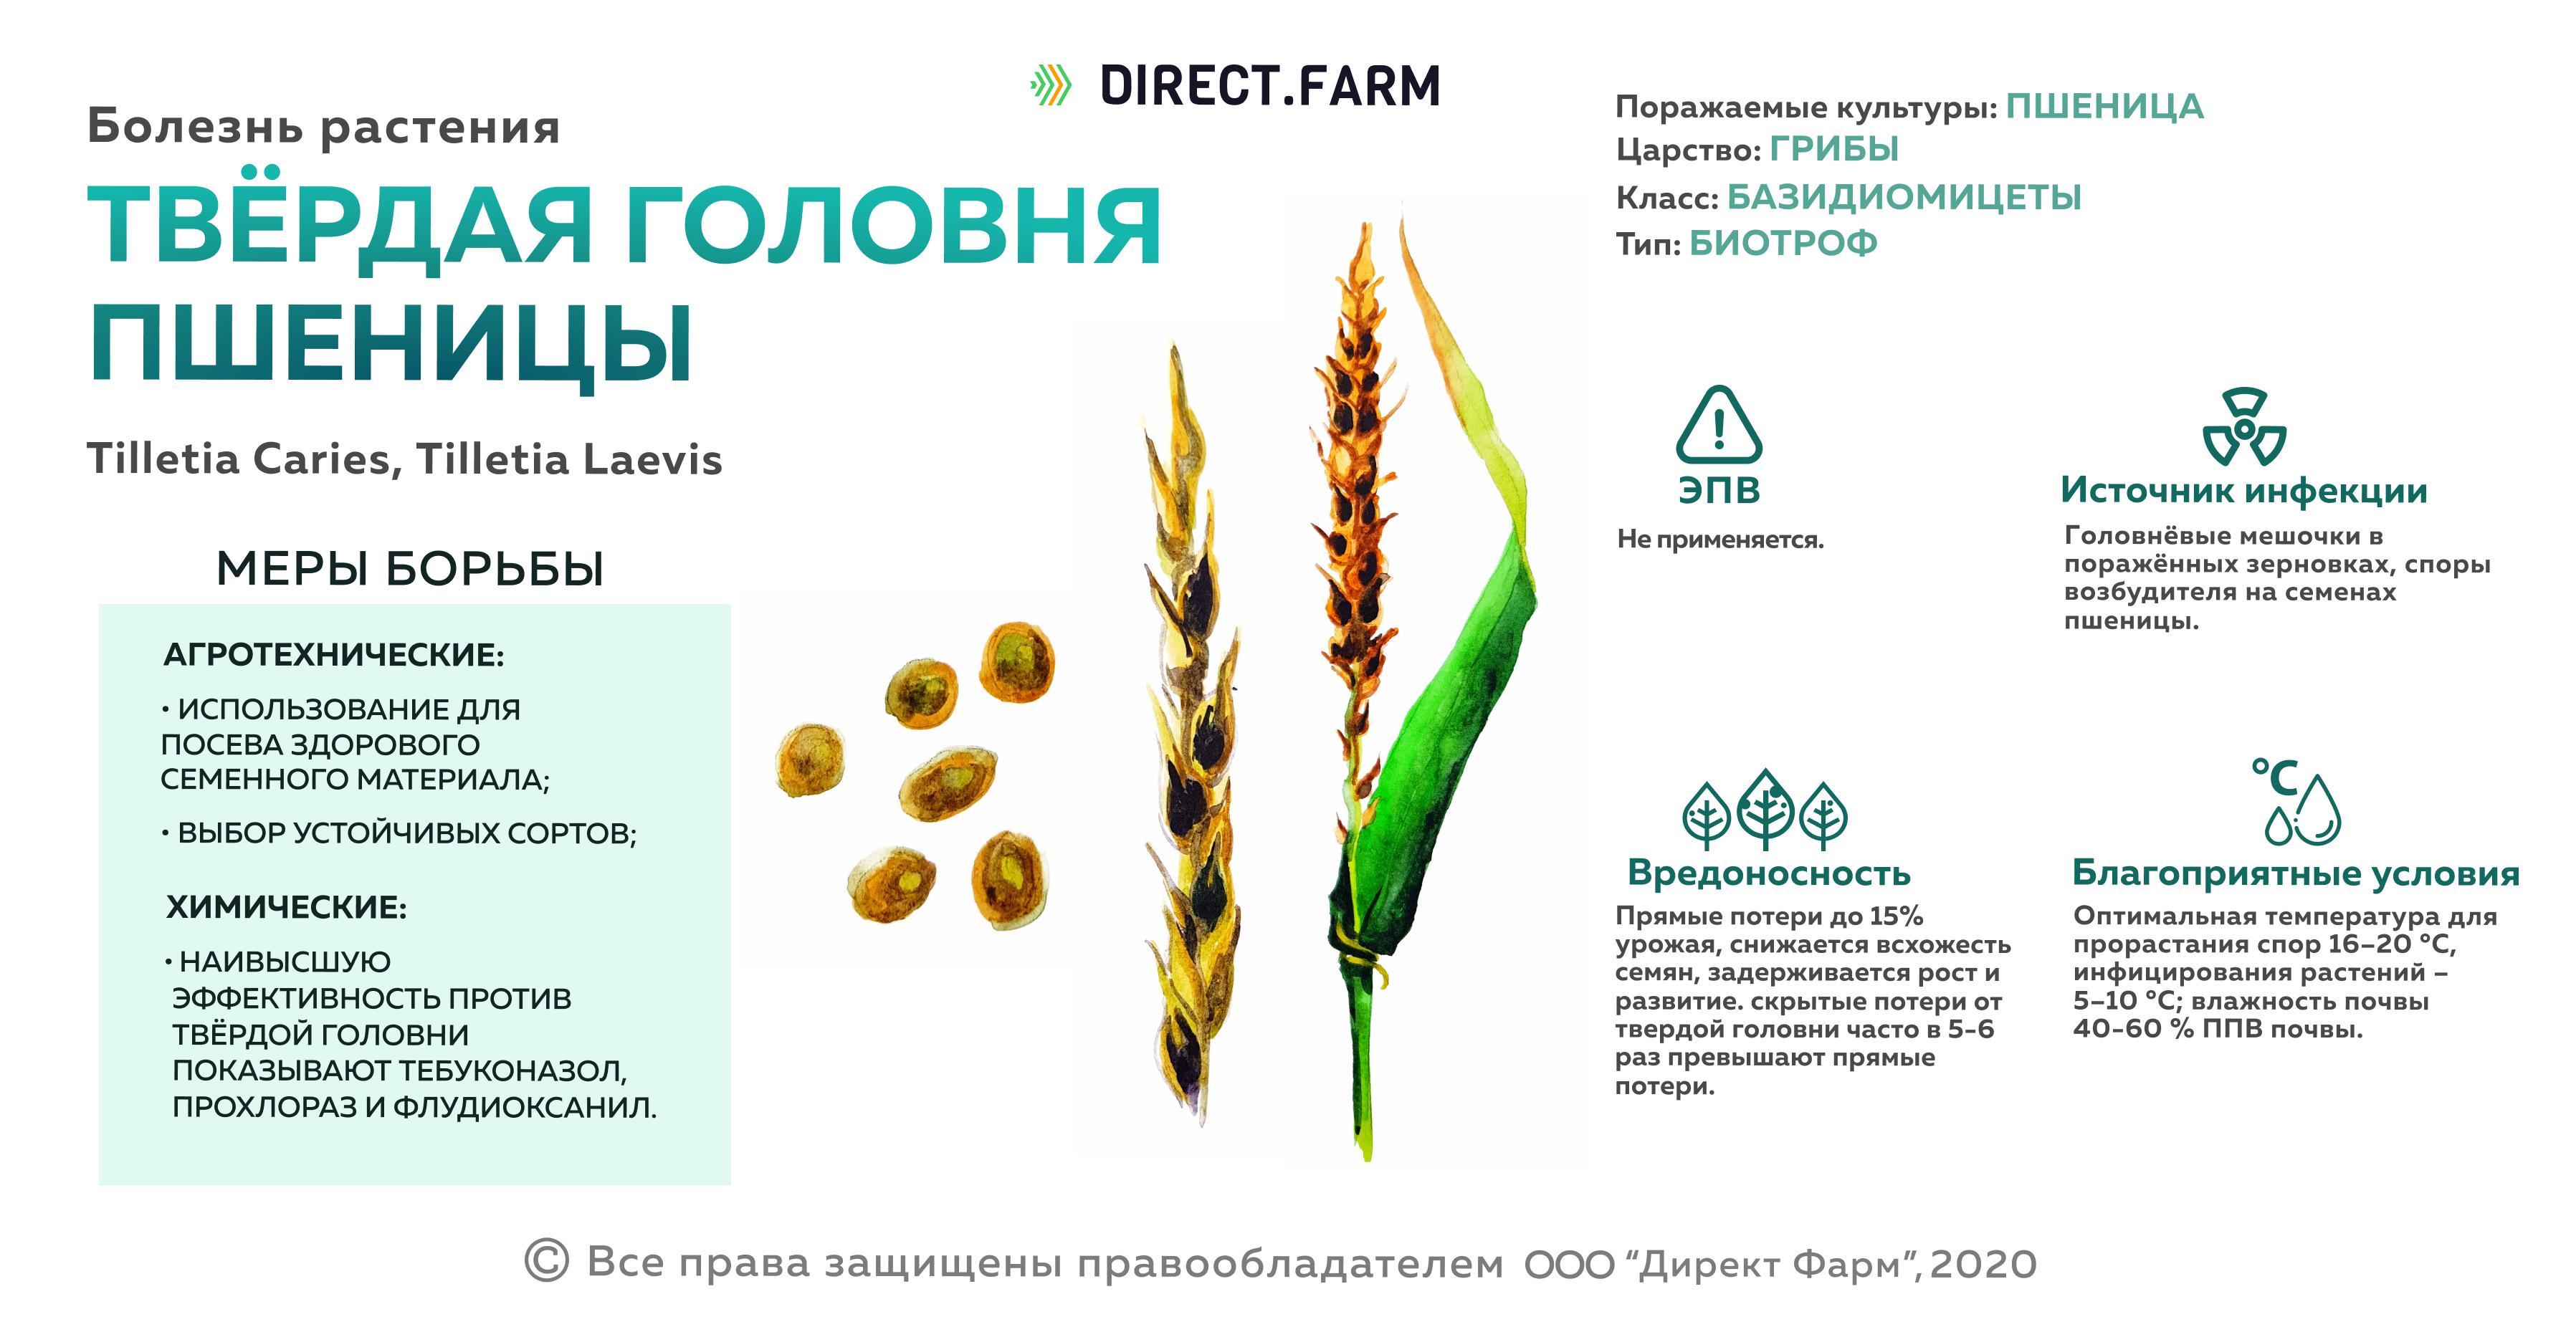 Твердая головня пшеницы